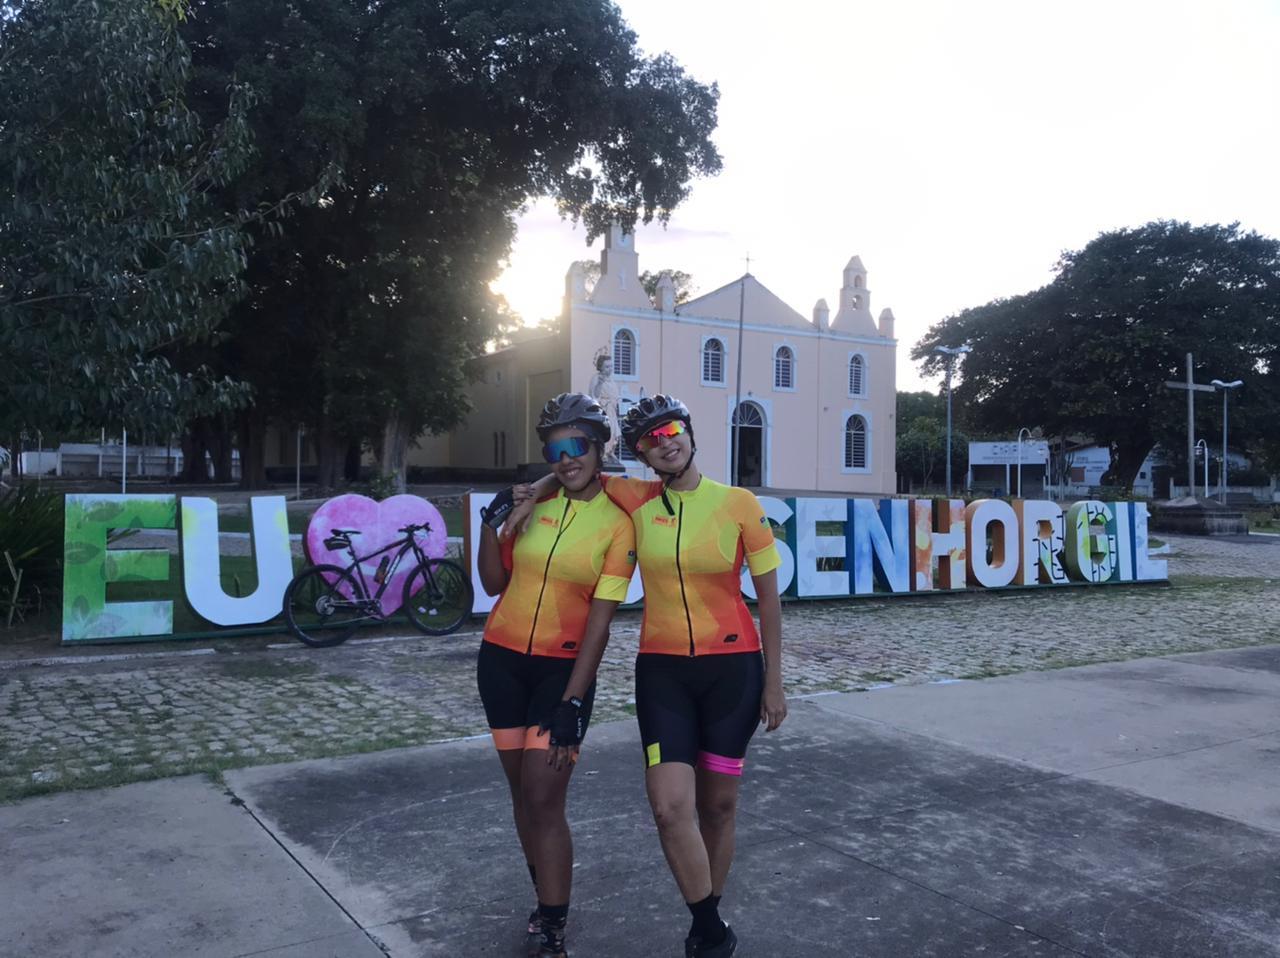 Um domingo sobre Bike em Monsenhor Gil com destino ao Poço Azul - Imagem 15